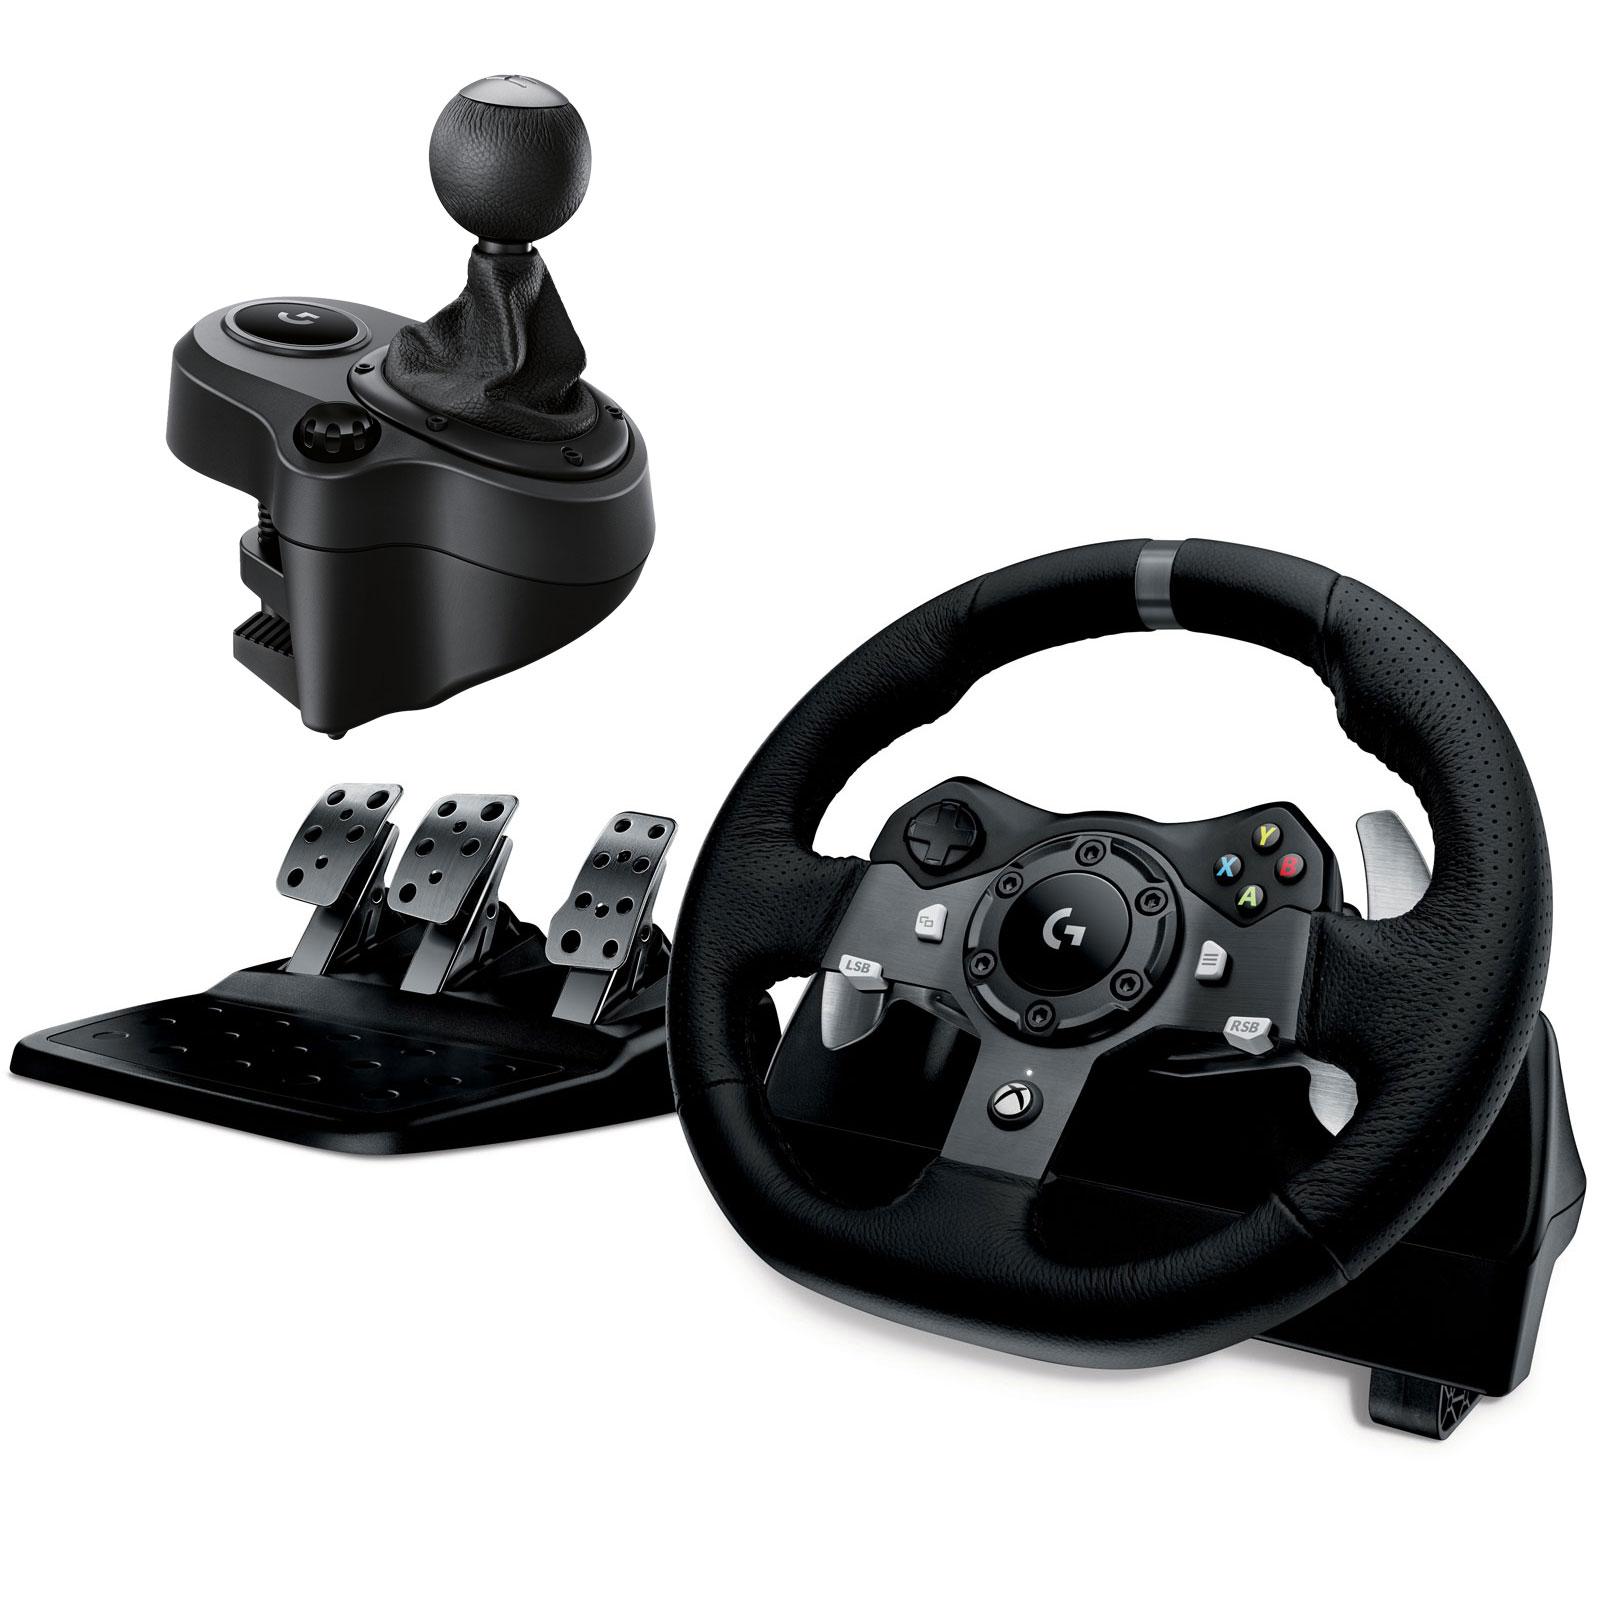 Volant PC Logitech G920 Driving Force Racing Wheel Volant + Pédalier (pour PC/ Xbox One) + Boite à 6 vitesses pour Logitech G29 et G920